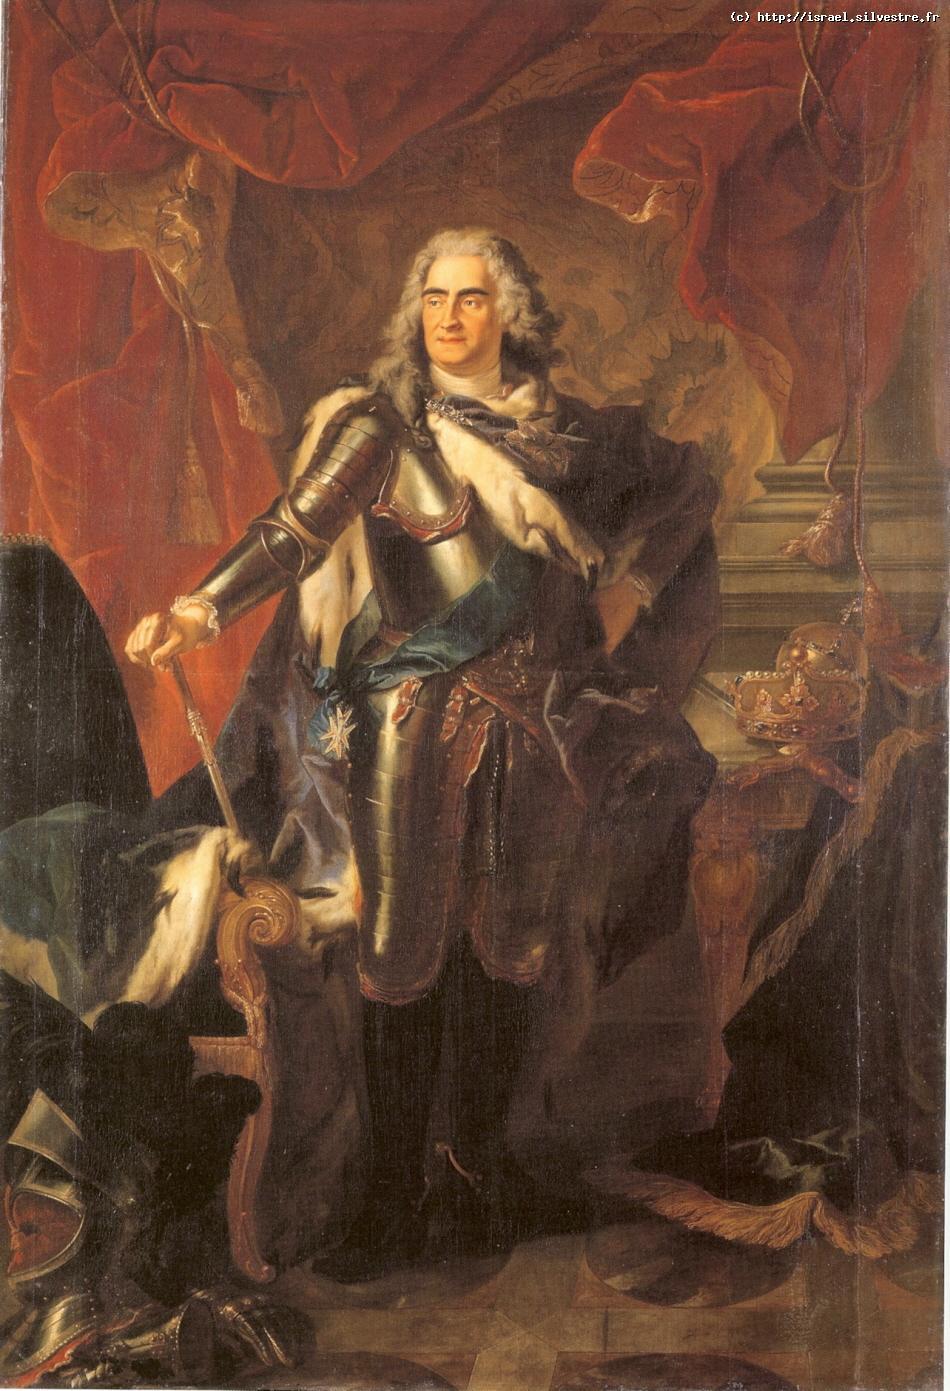 Auguste II dit le Fort